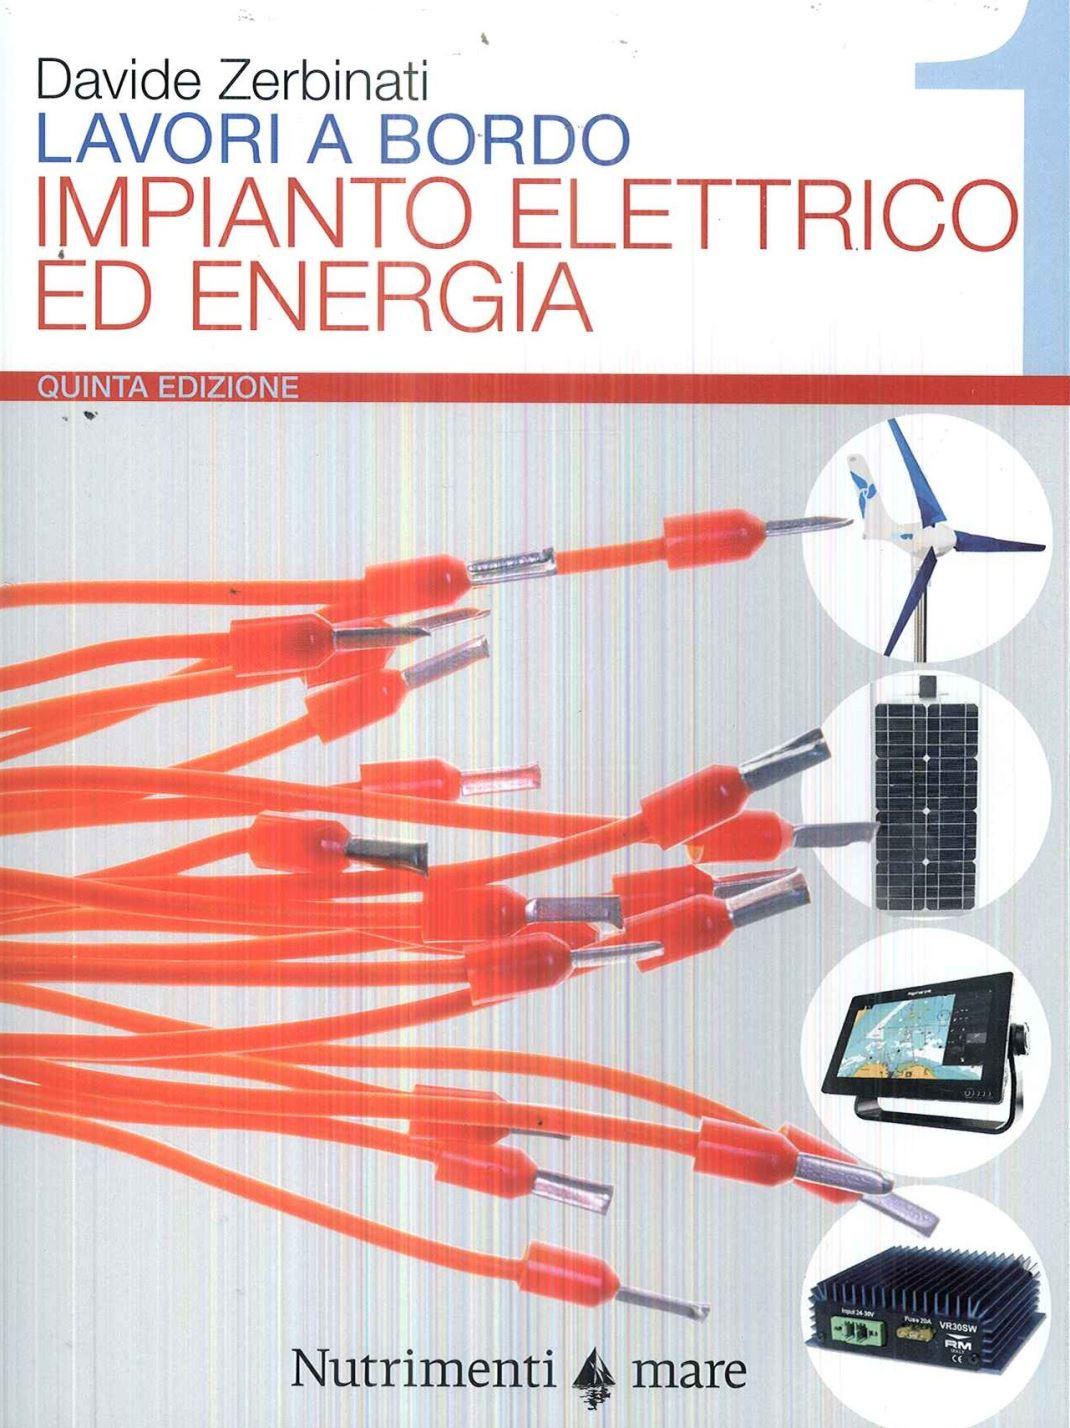 LAVORI A BORDO - IMPIANTO ELETTRICO ED ENERGIA